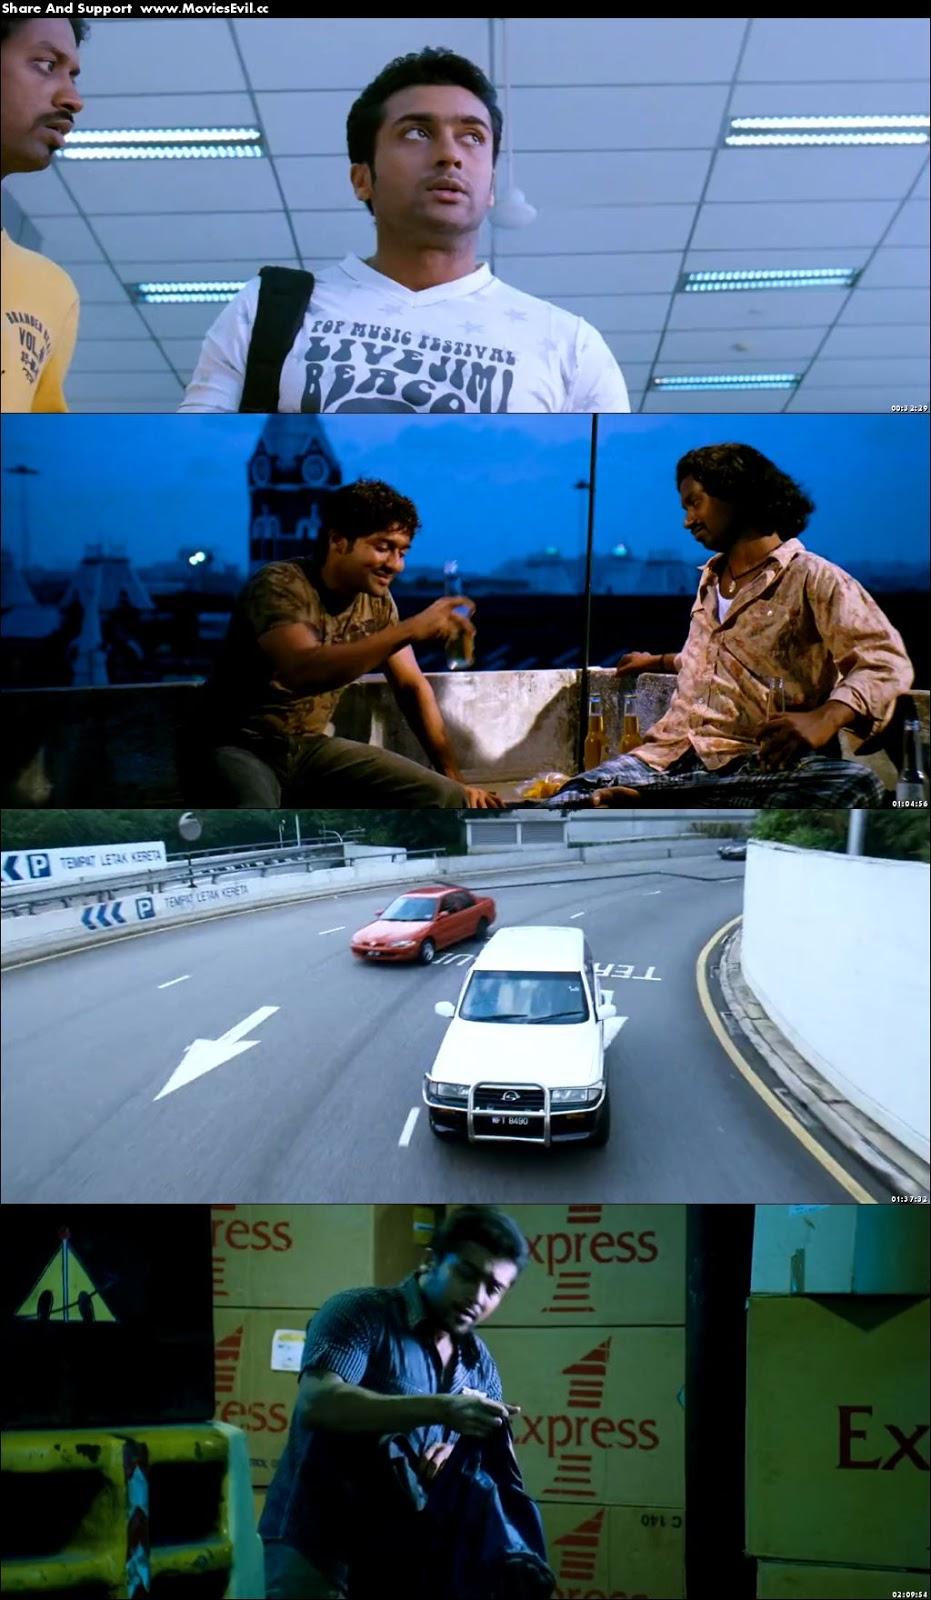 Ayan 2009 dual audio download 720p bluray,Ayan 2009 watch online hindi dubbed,Ayan 2009 hindi dubbed 720p hd download,Ayan 2009full movie dual audio download,Ayan 2009 south movie download,Ayan 2009 direct link download